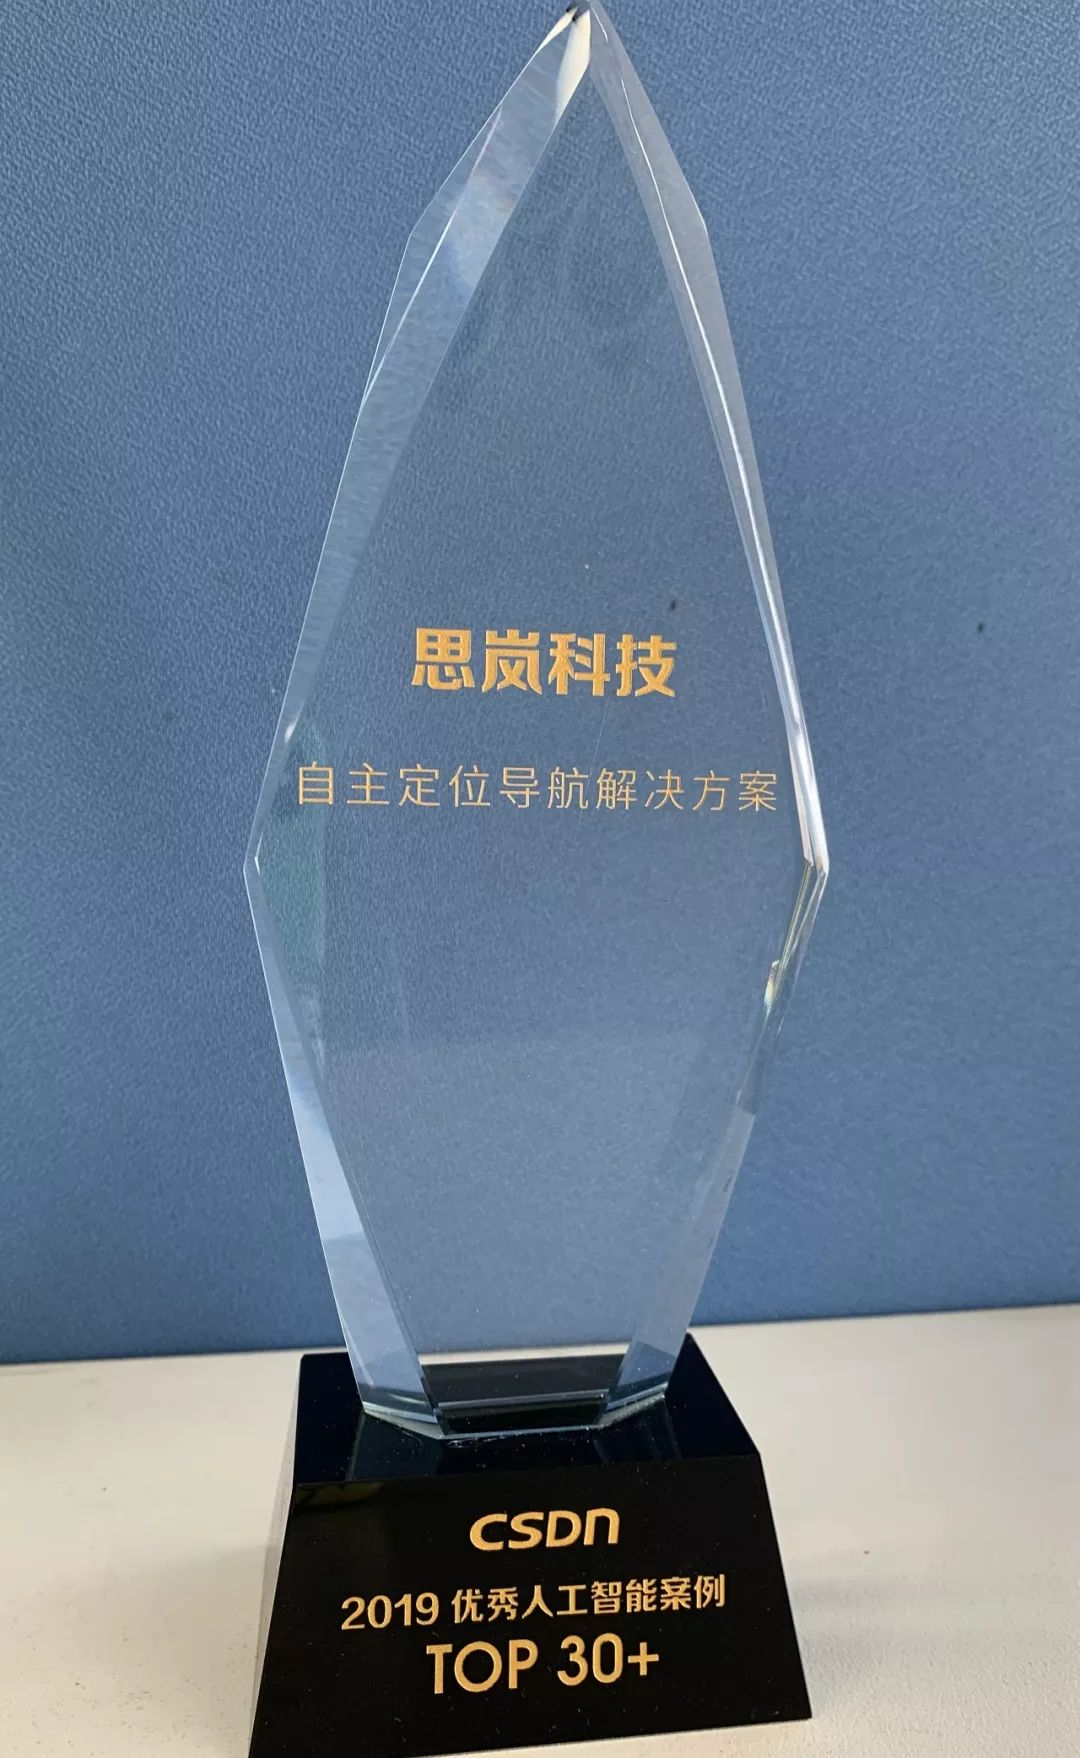 思岚科技荣获【最佳机器人AI贡献奖】